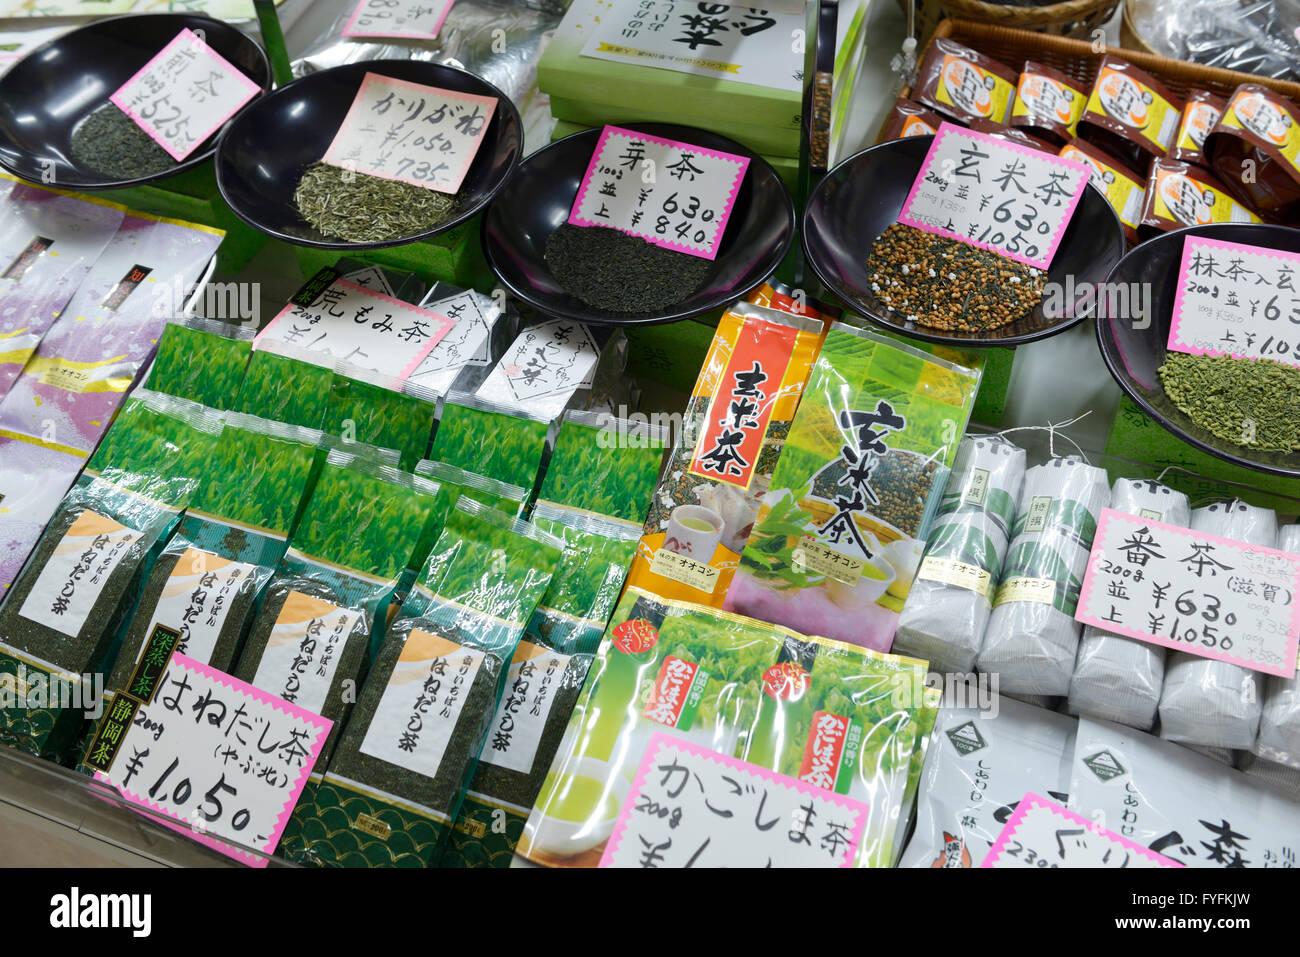 Japanische Tees, Genmaicha, in einem Geschäft, Tokyo, Japan Stockbild